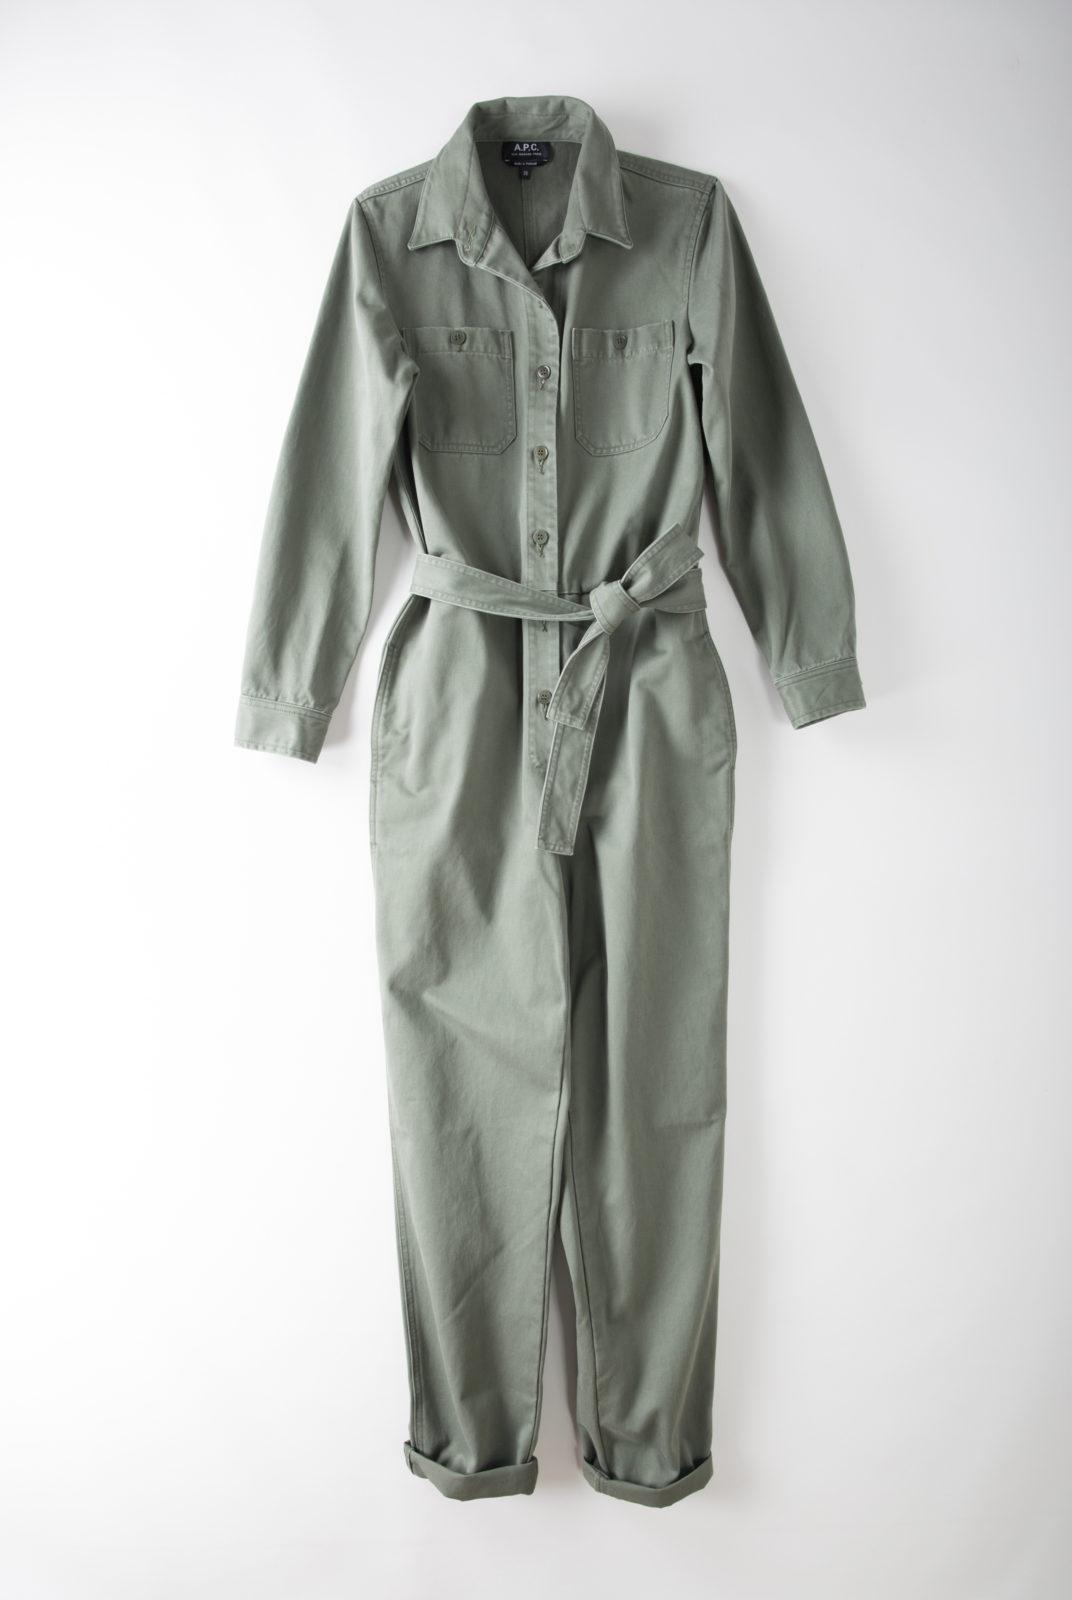 combinaison kaki en gabardine, matière stretch, coupe droite, poche poitrine plaquée, ajustable par une ceinture, apc